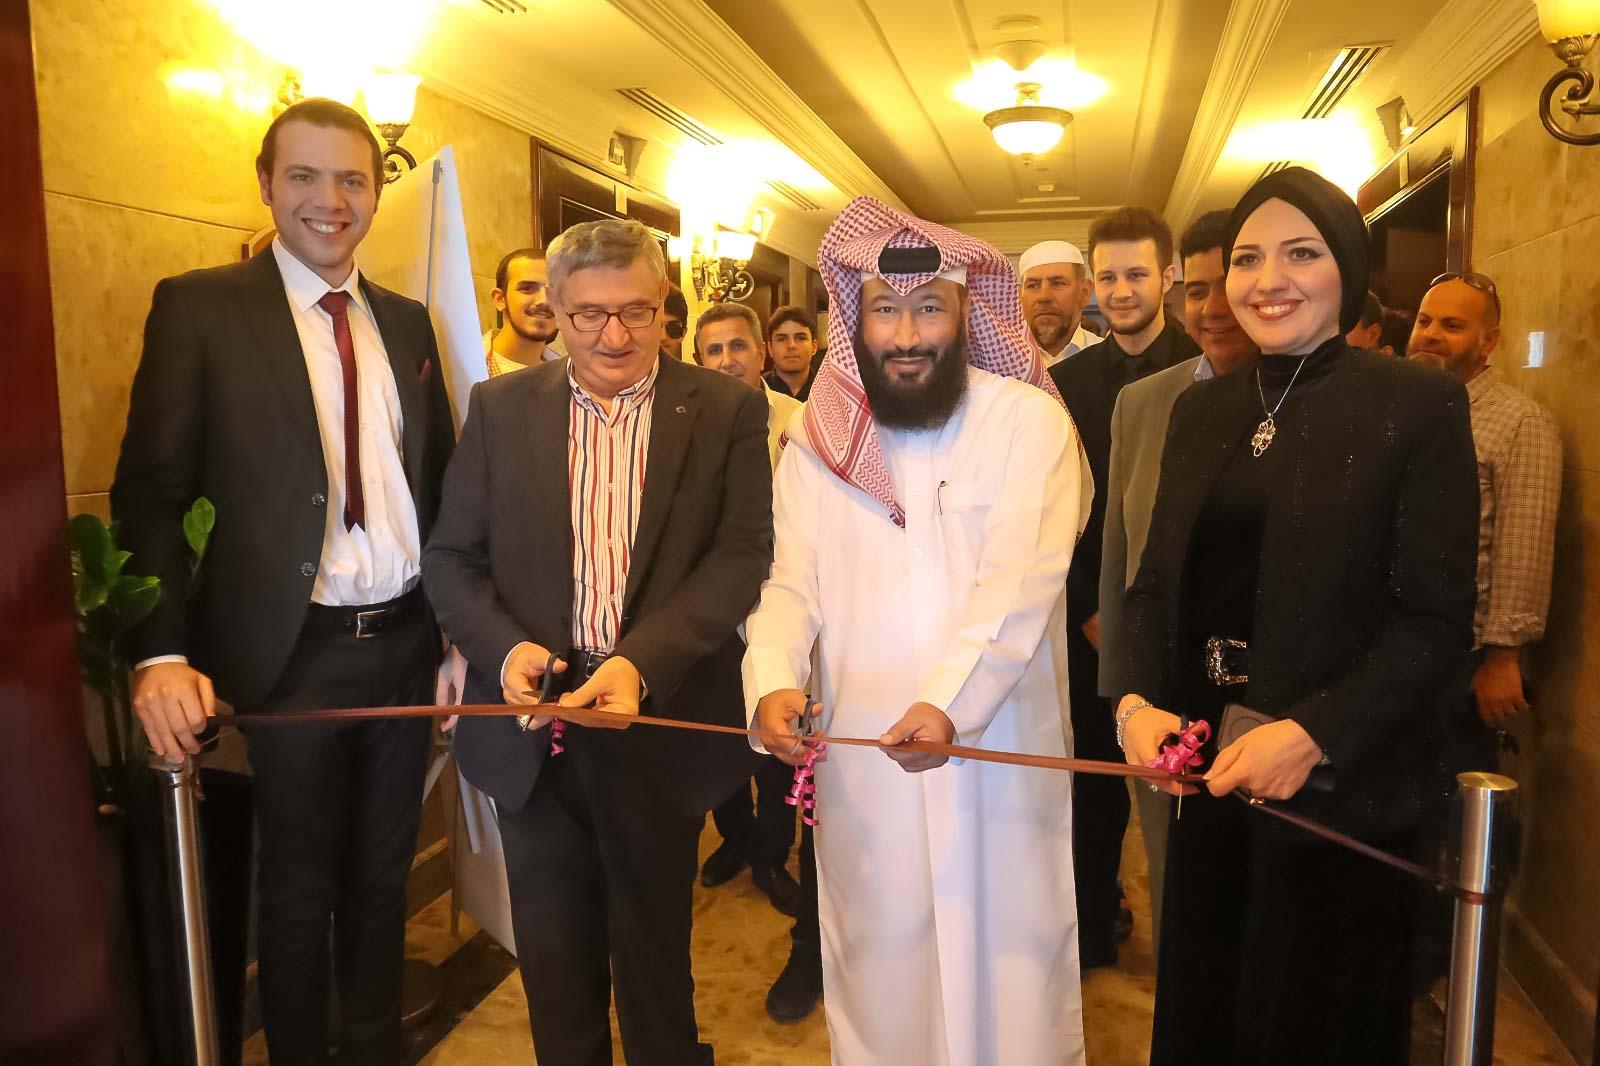 حقق منتدى الجامعات التركية، الذي نظمناه في الدوحة، نجاحًا كبيرًا مع أكثر من 1000 زائر مهتم.